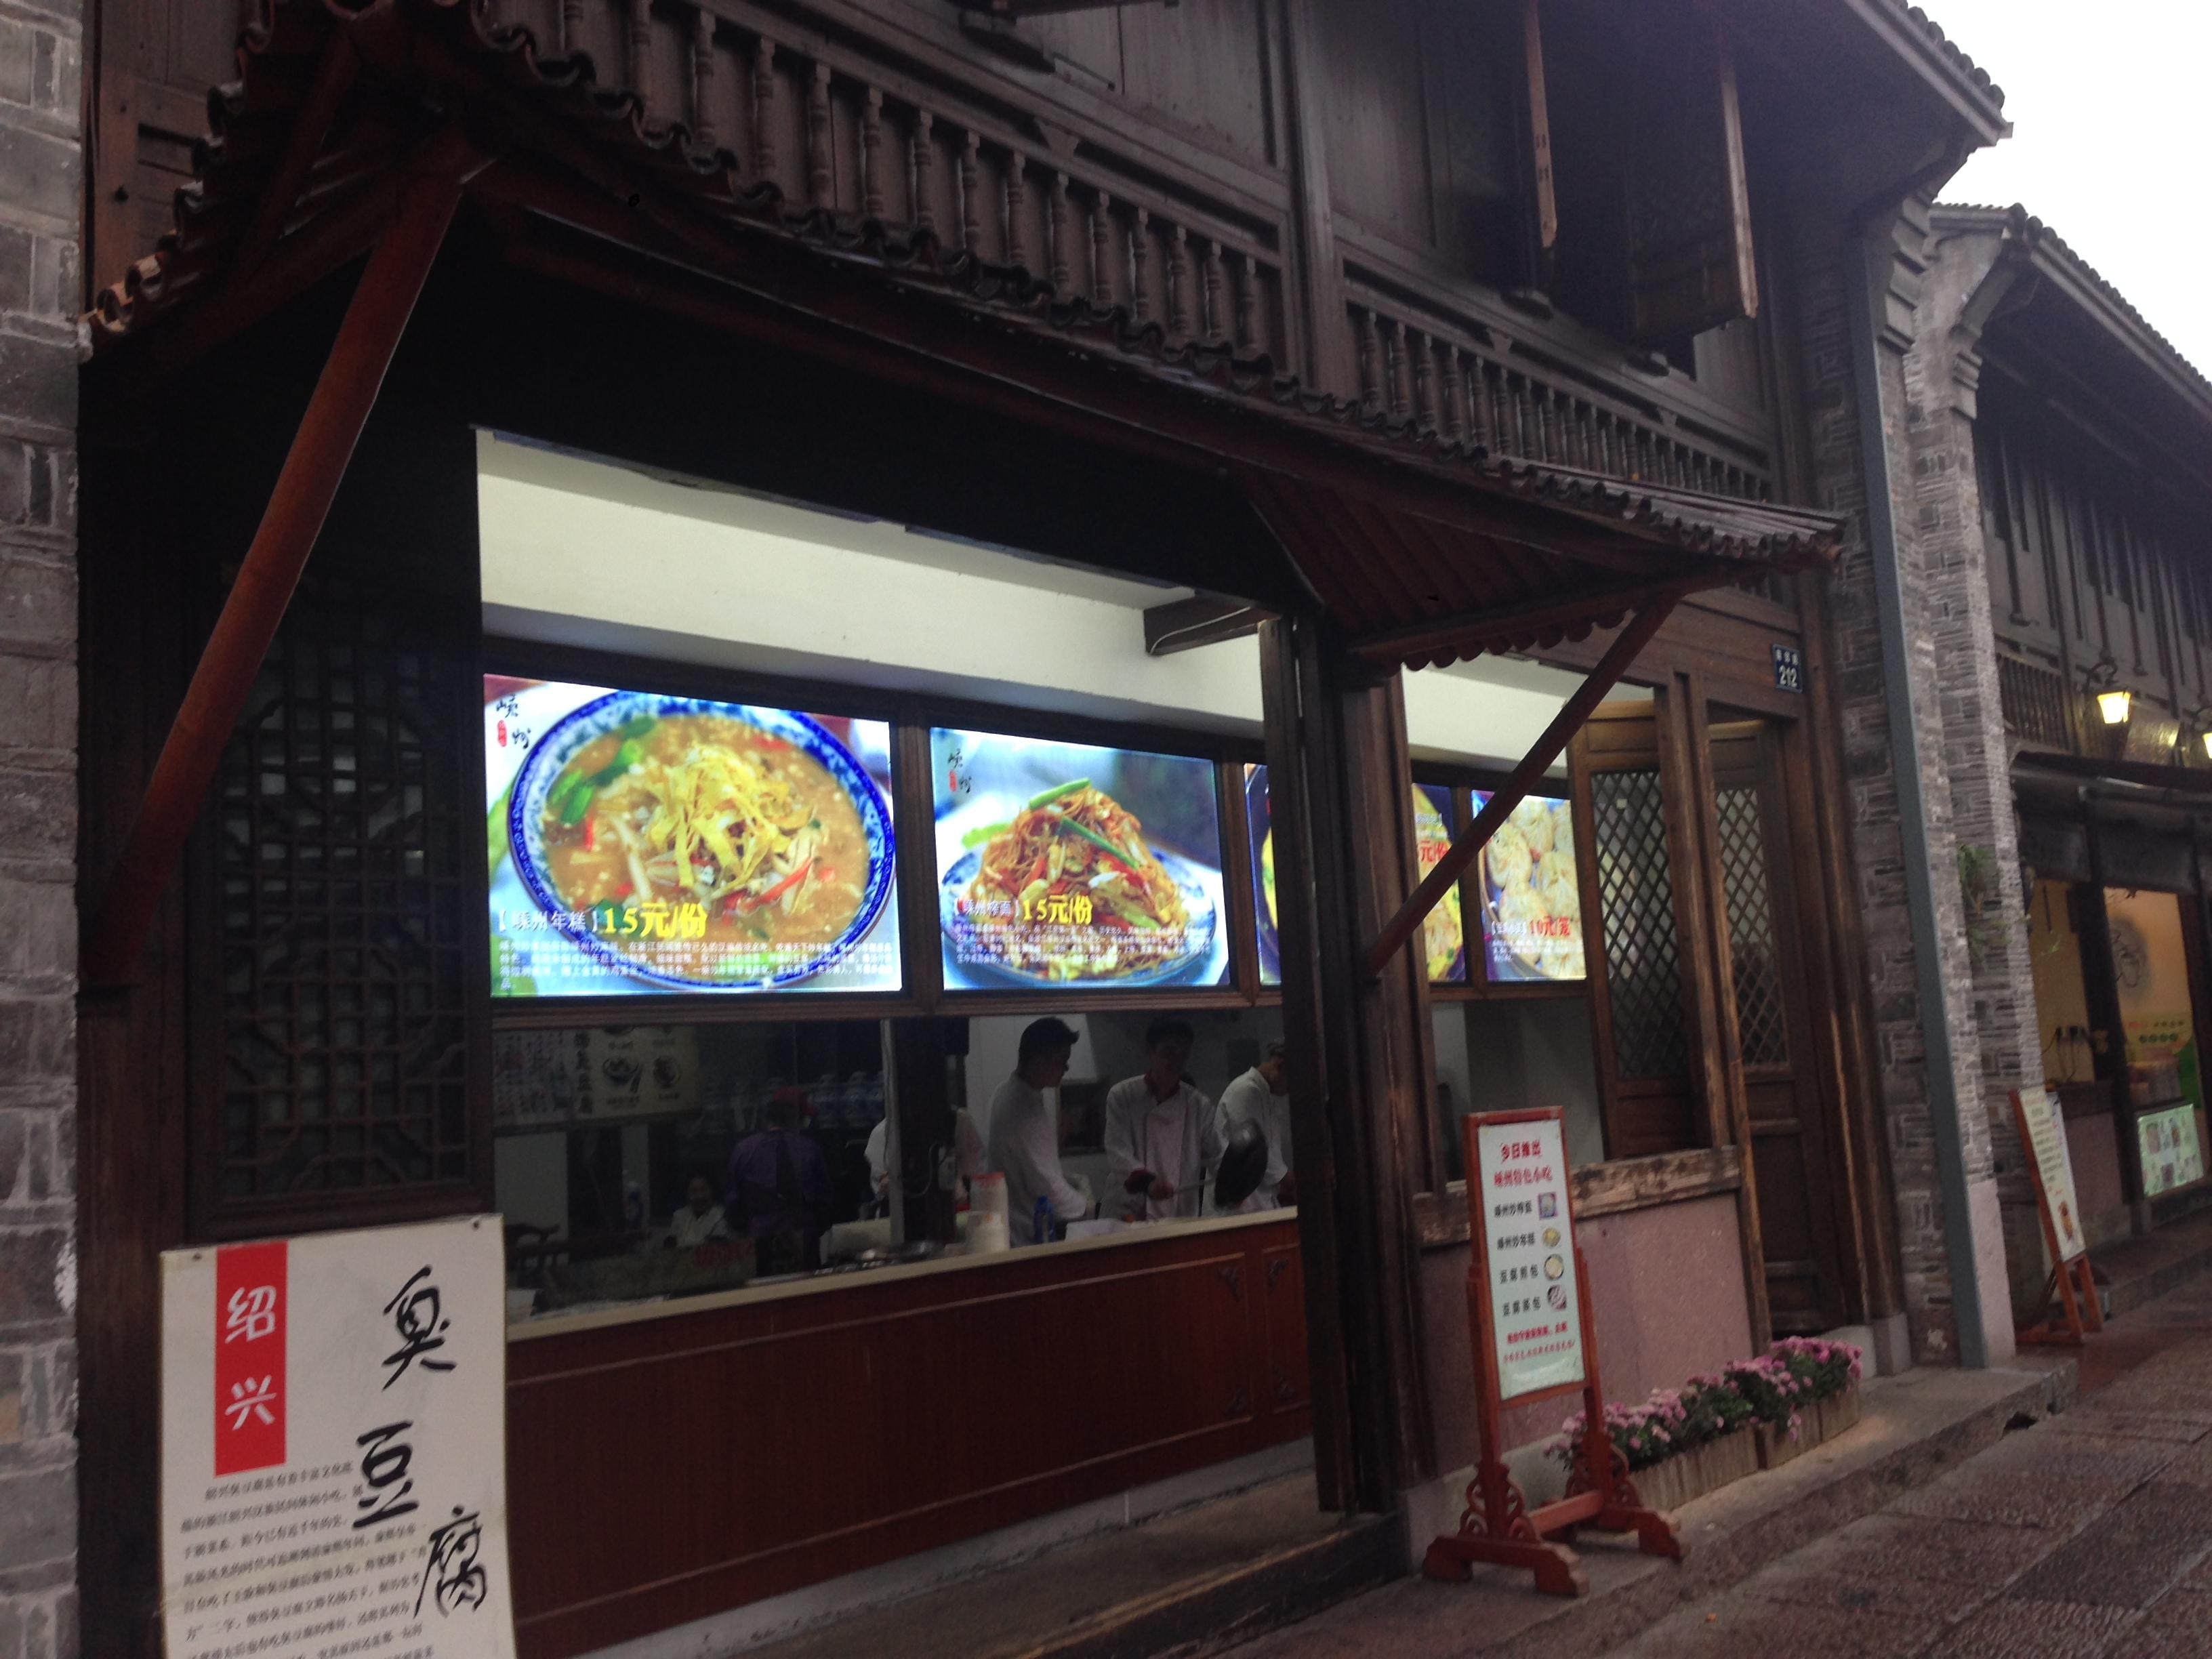 【携程攻略】浙江南塘老街景点,宁波的一个老去处,近